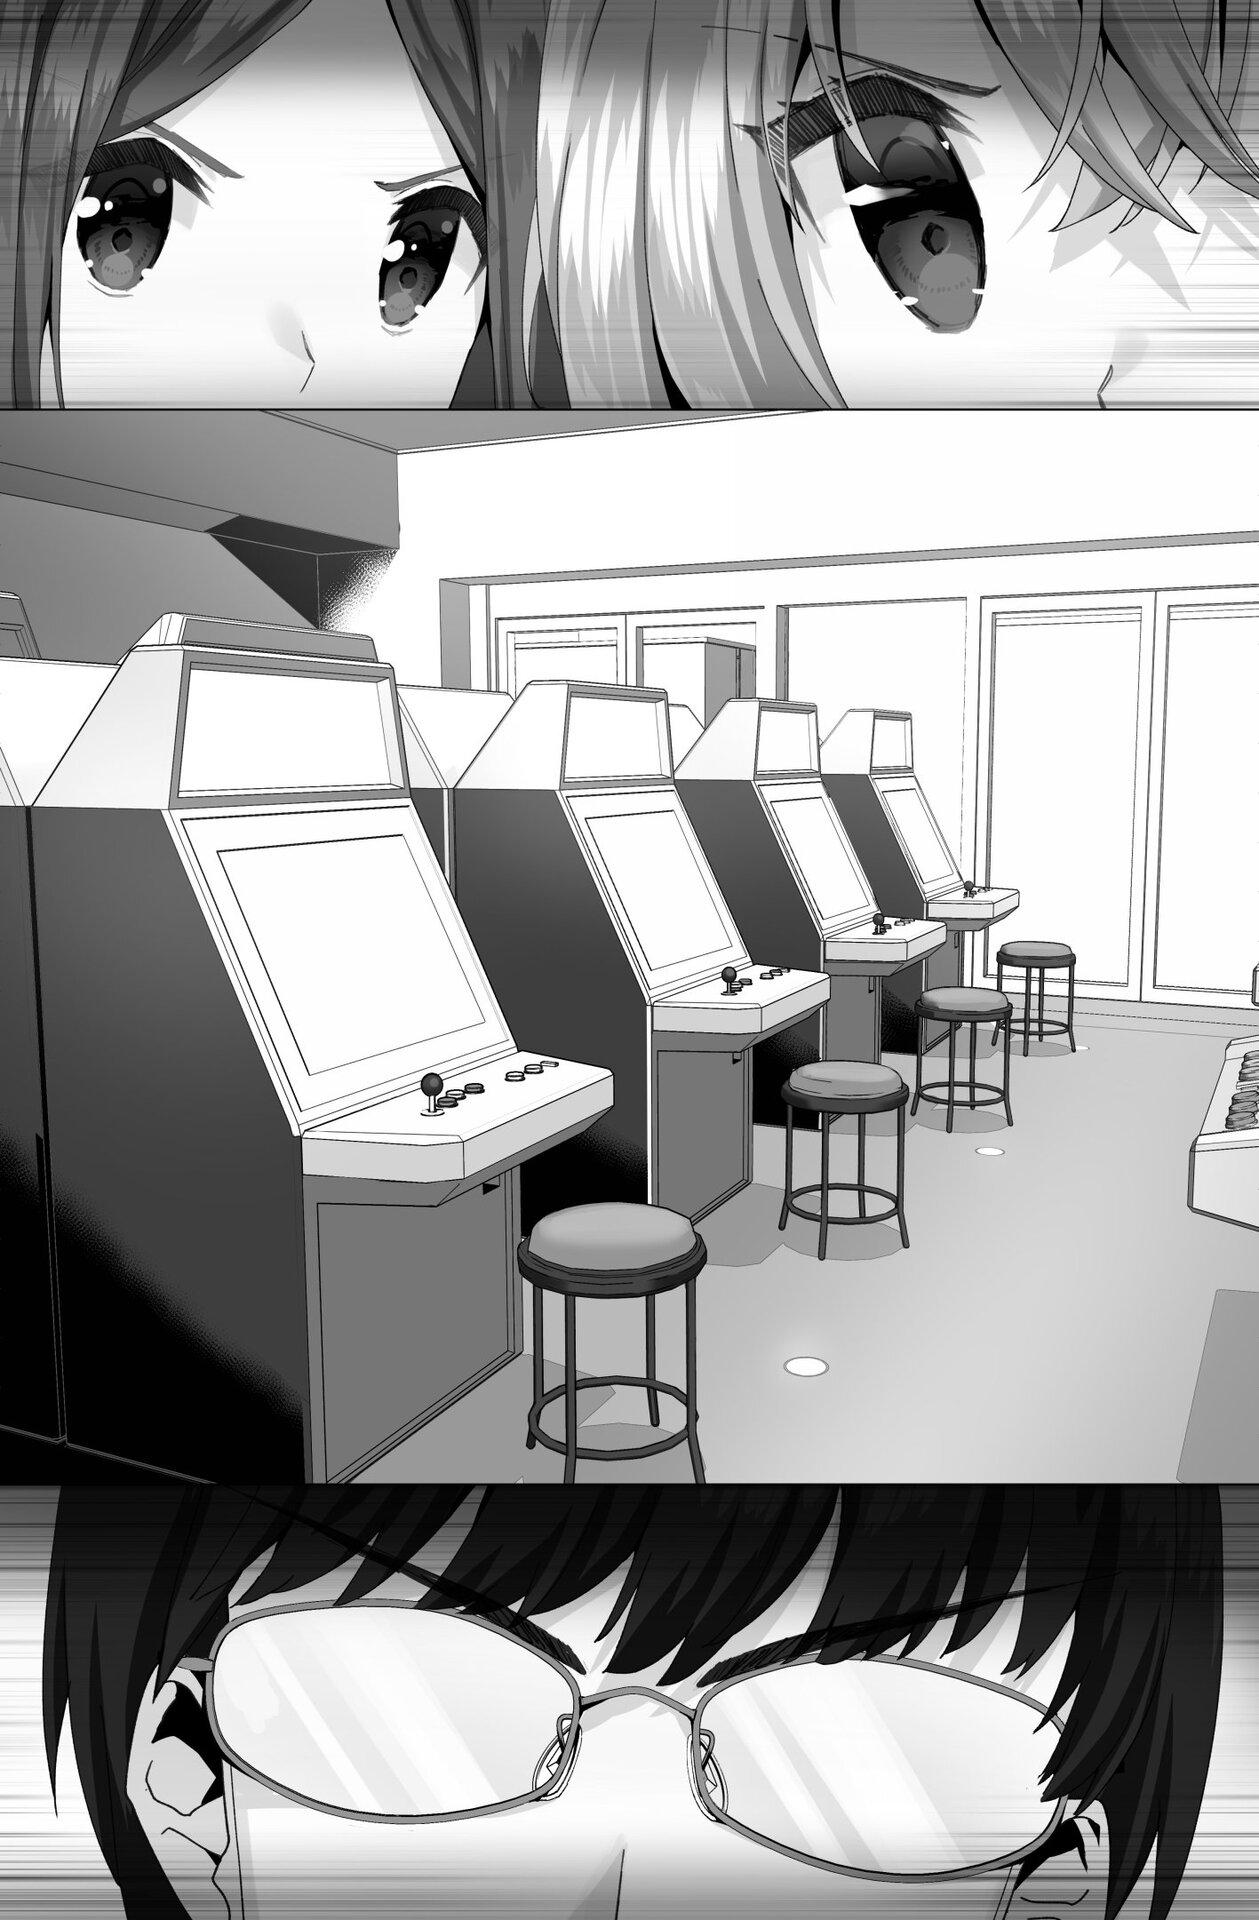 Eine Illustration aus dem Buch. Es zeigt eine Szene aus der Spielhalle in Maruimachi mit einem intensiven Battle der Charaktere an einem Automaten